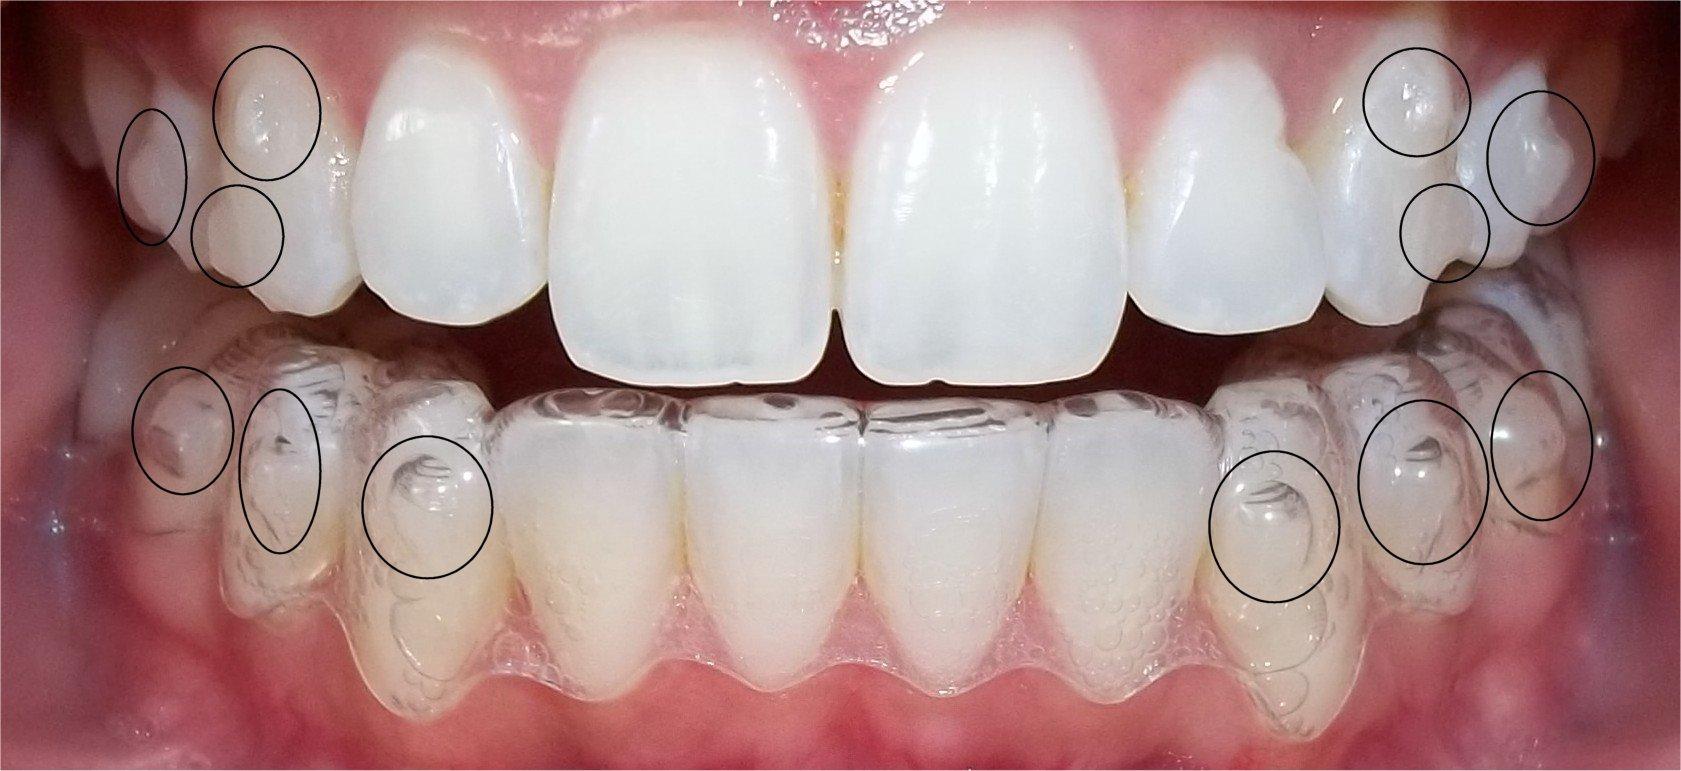 Niềng răng vô hình Invisalign